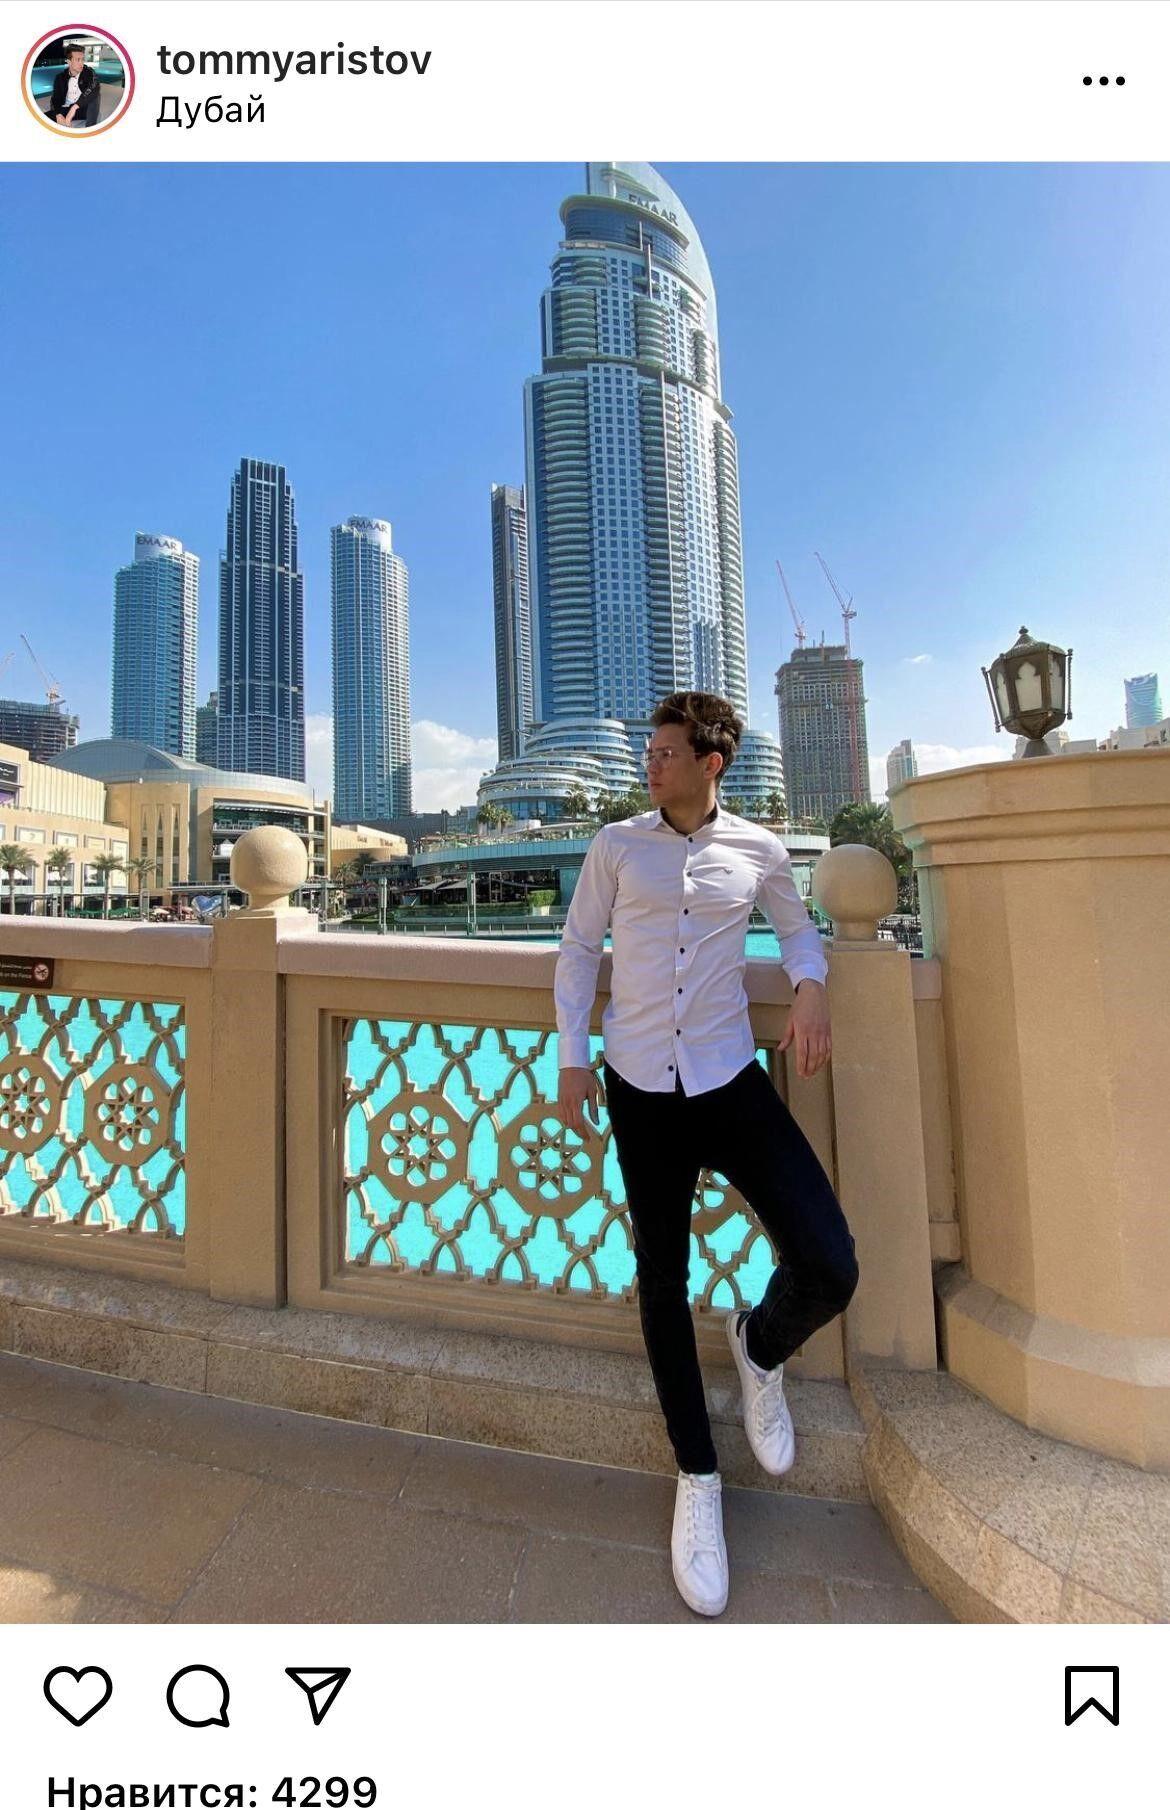 Аристов-молодший публікує фото відпочинку з Дубая, Парижа, Бодрума, Торонто і Єгипту,